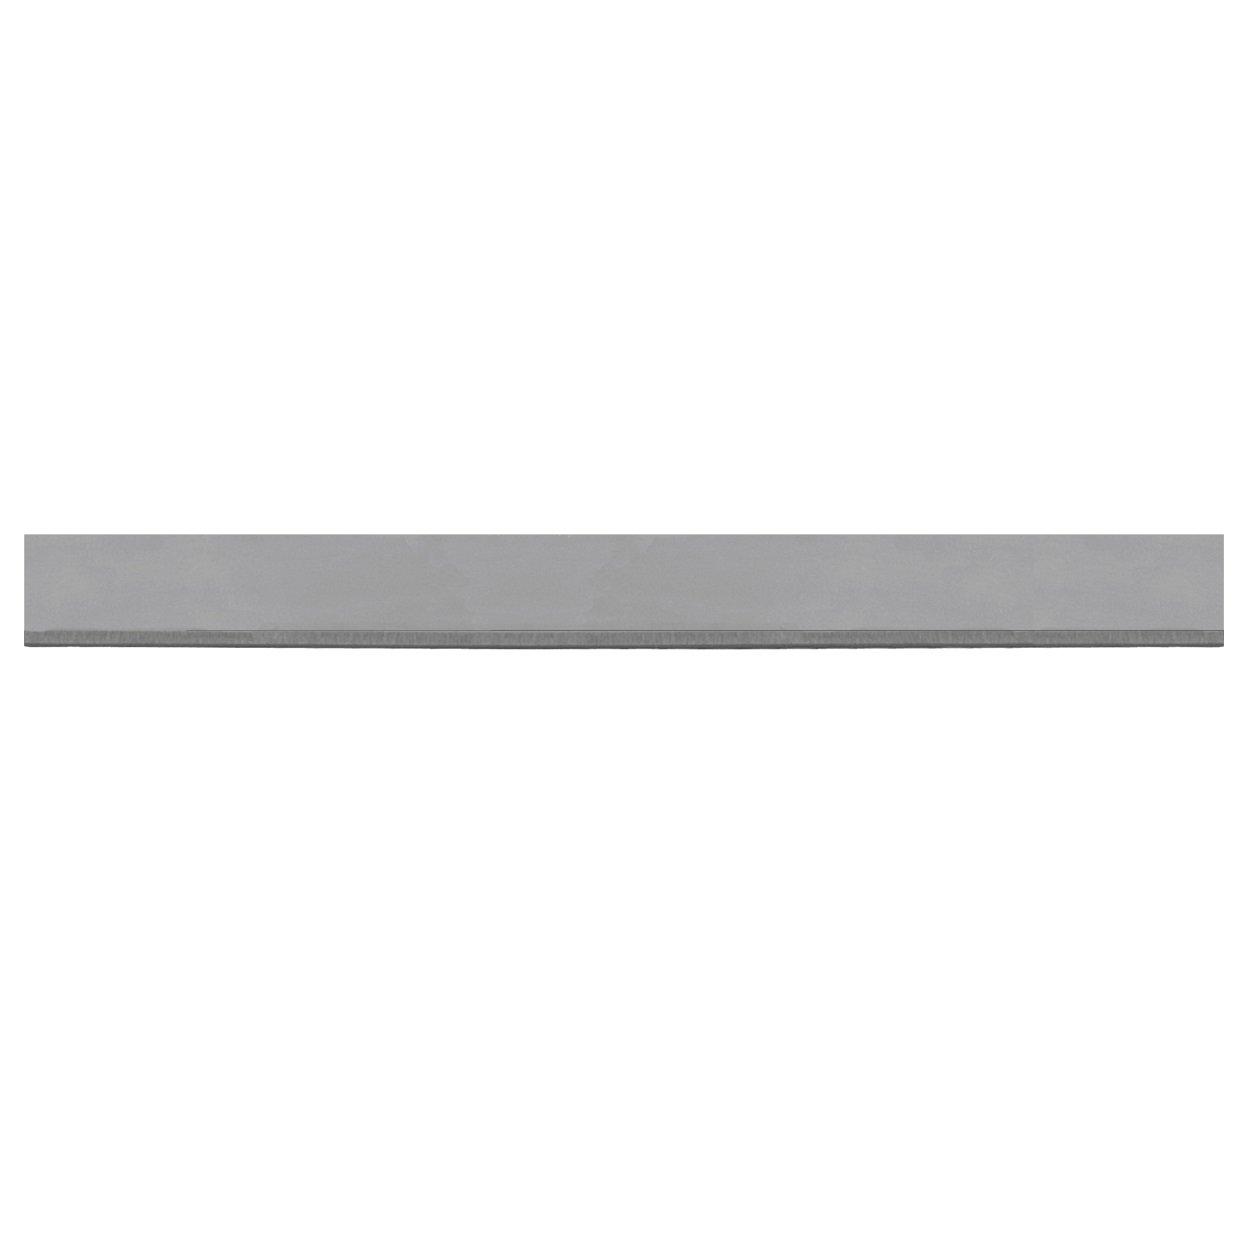 8'' Scraper Blades 50 blades per box by Better Tools